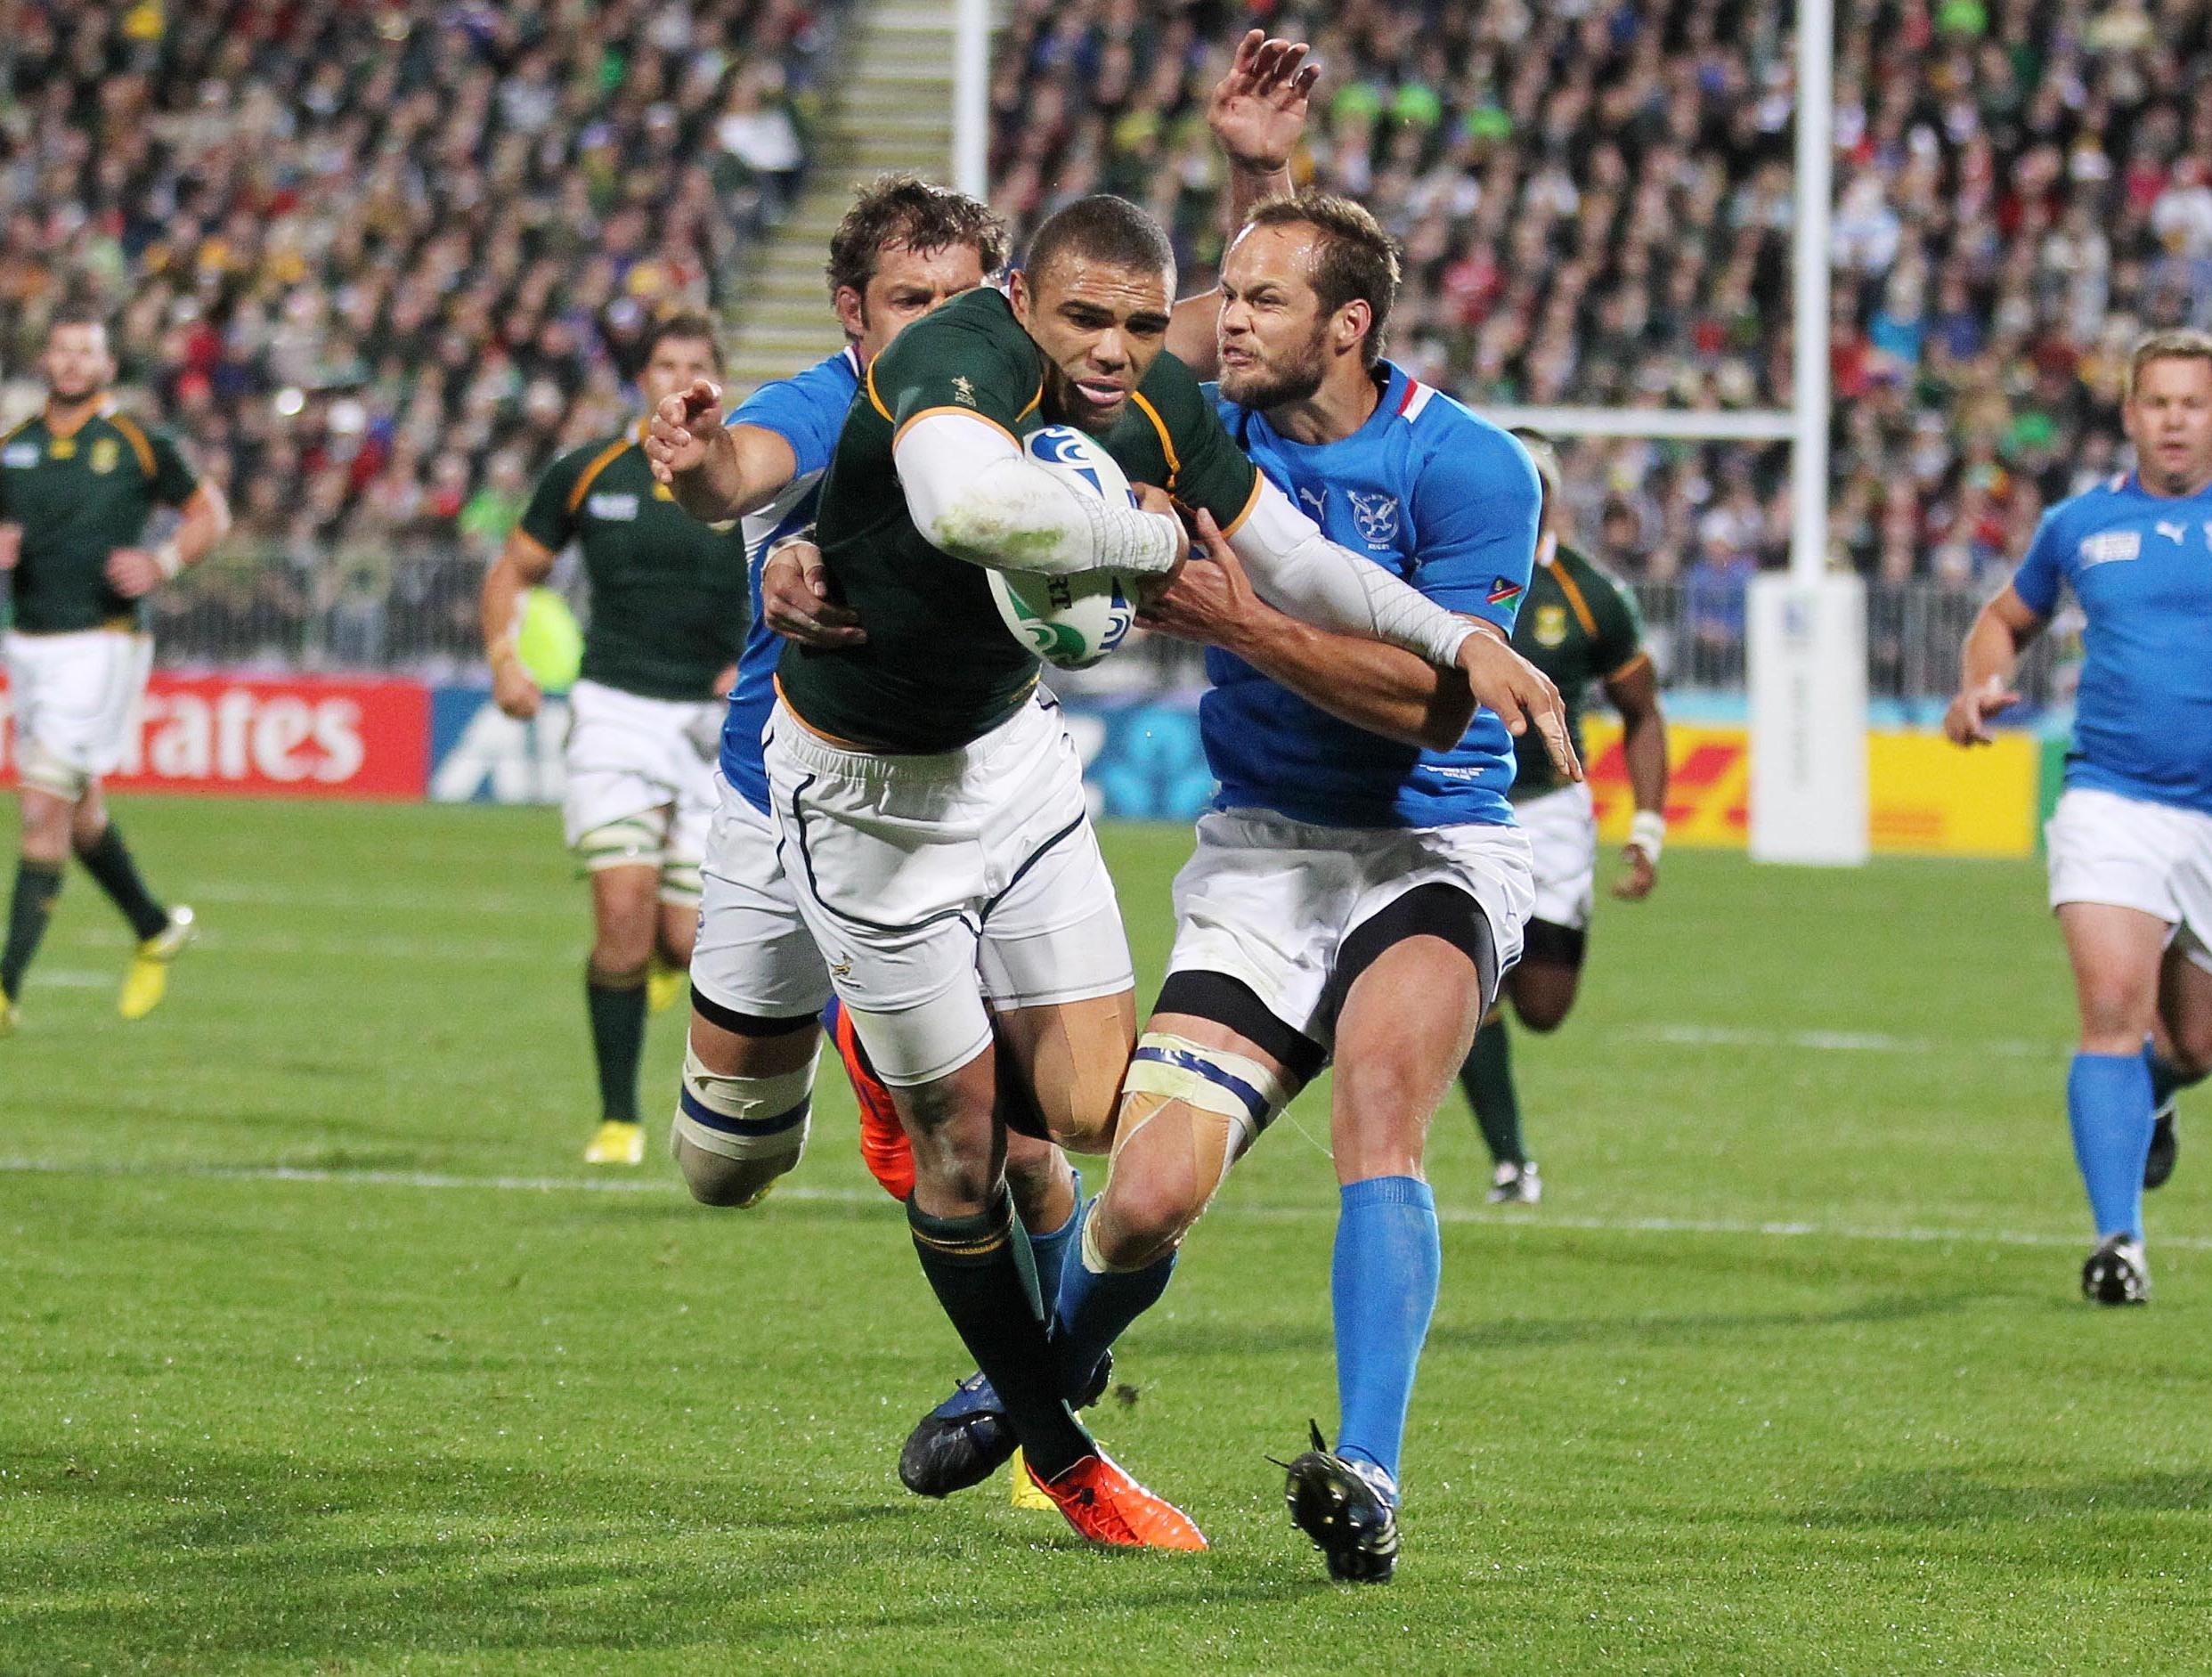 Afrique du sud namibie coupe du monde 2011 rugby - Coupe du monde rugby afrique du sud ...